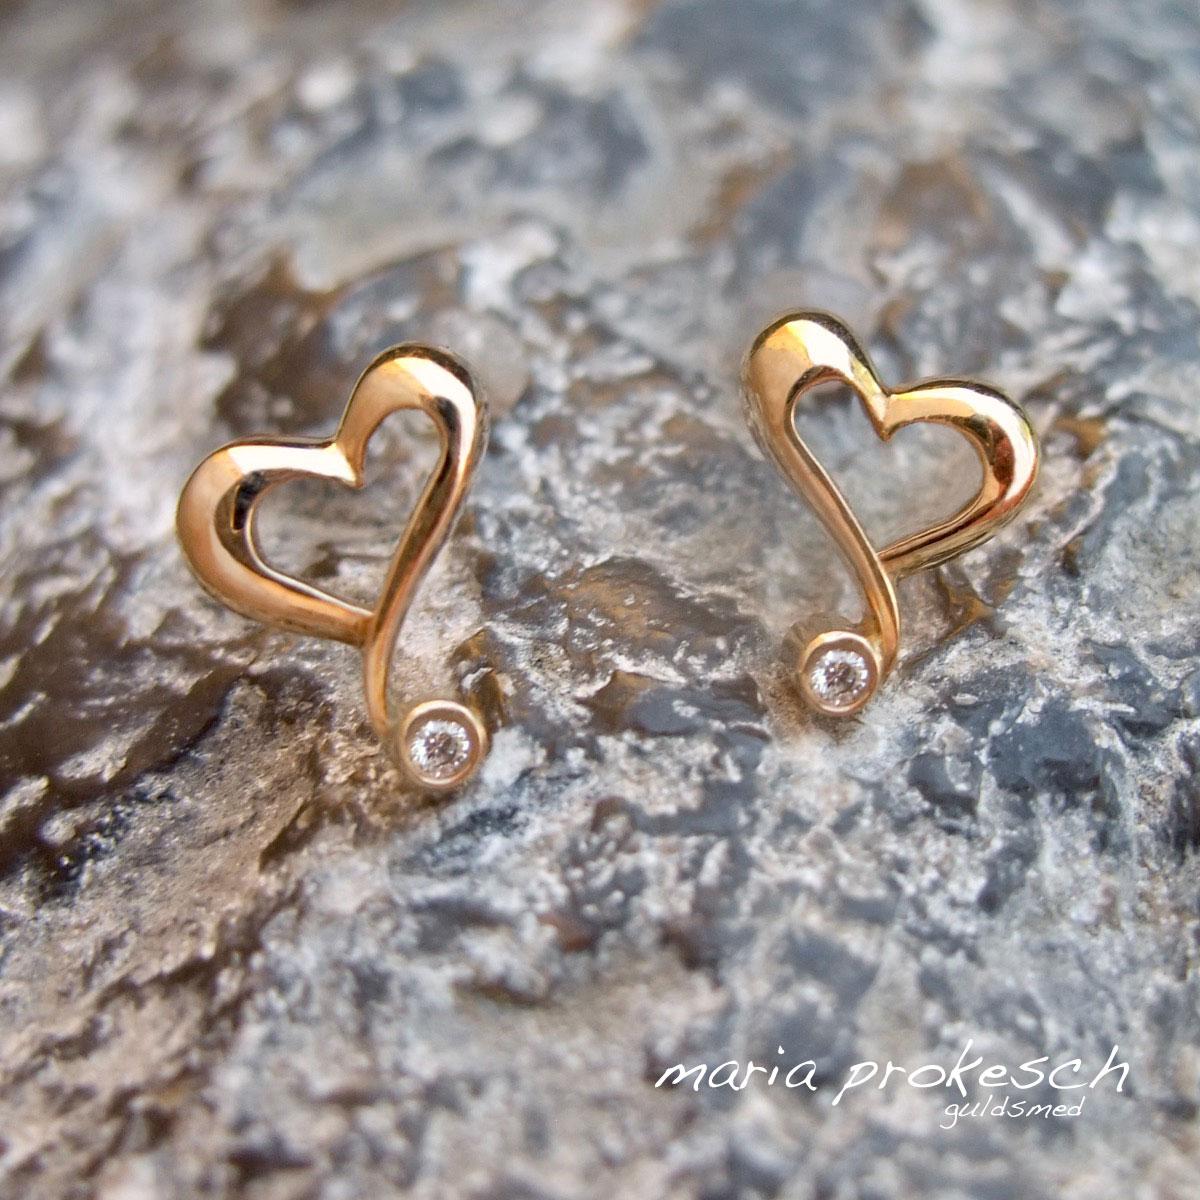 Hjerteørestikkere, skæve hjerter, i 18 kt guld med diamanter. Et anderledes design. Håndlavet god kvalitet